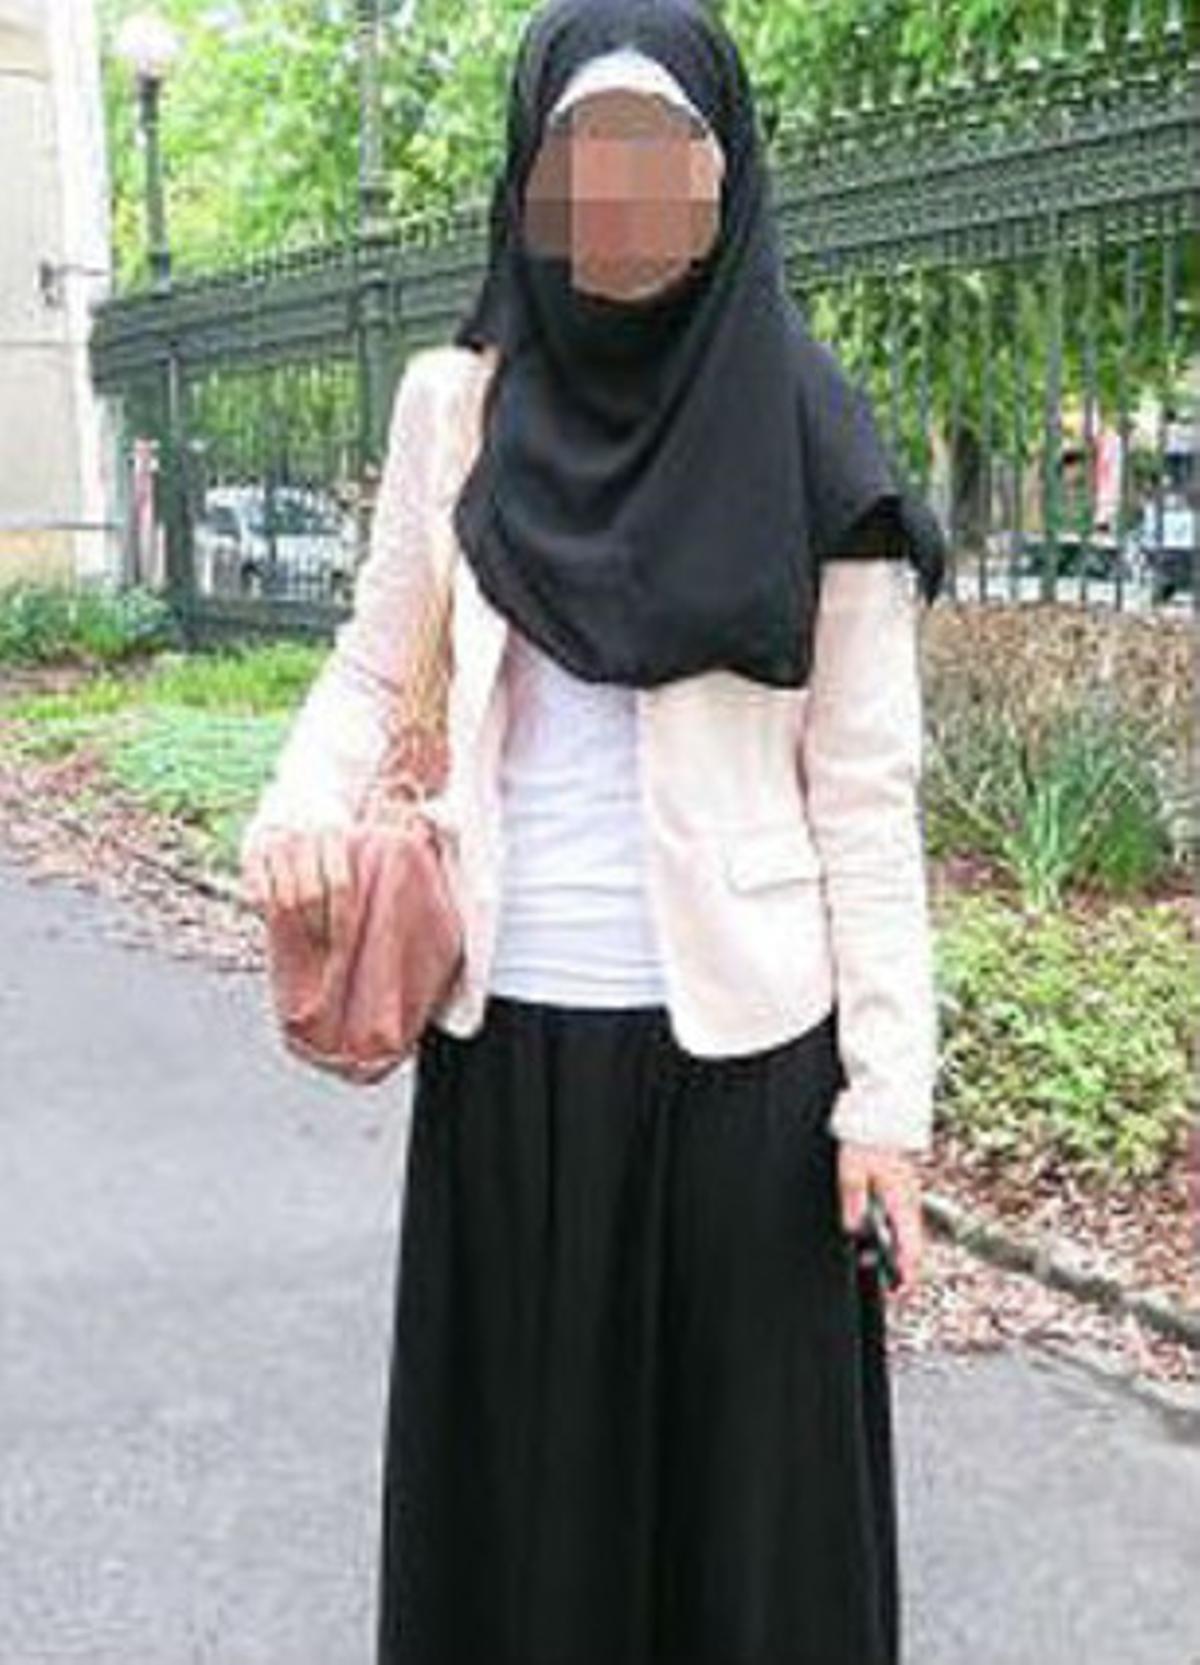 La joven musulmana, con el velo islámico y la polémica falda negra.